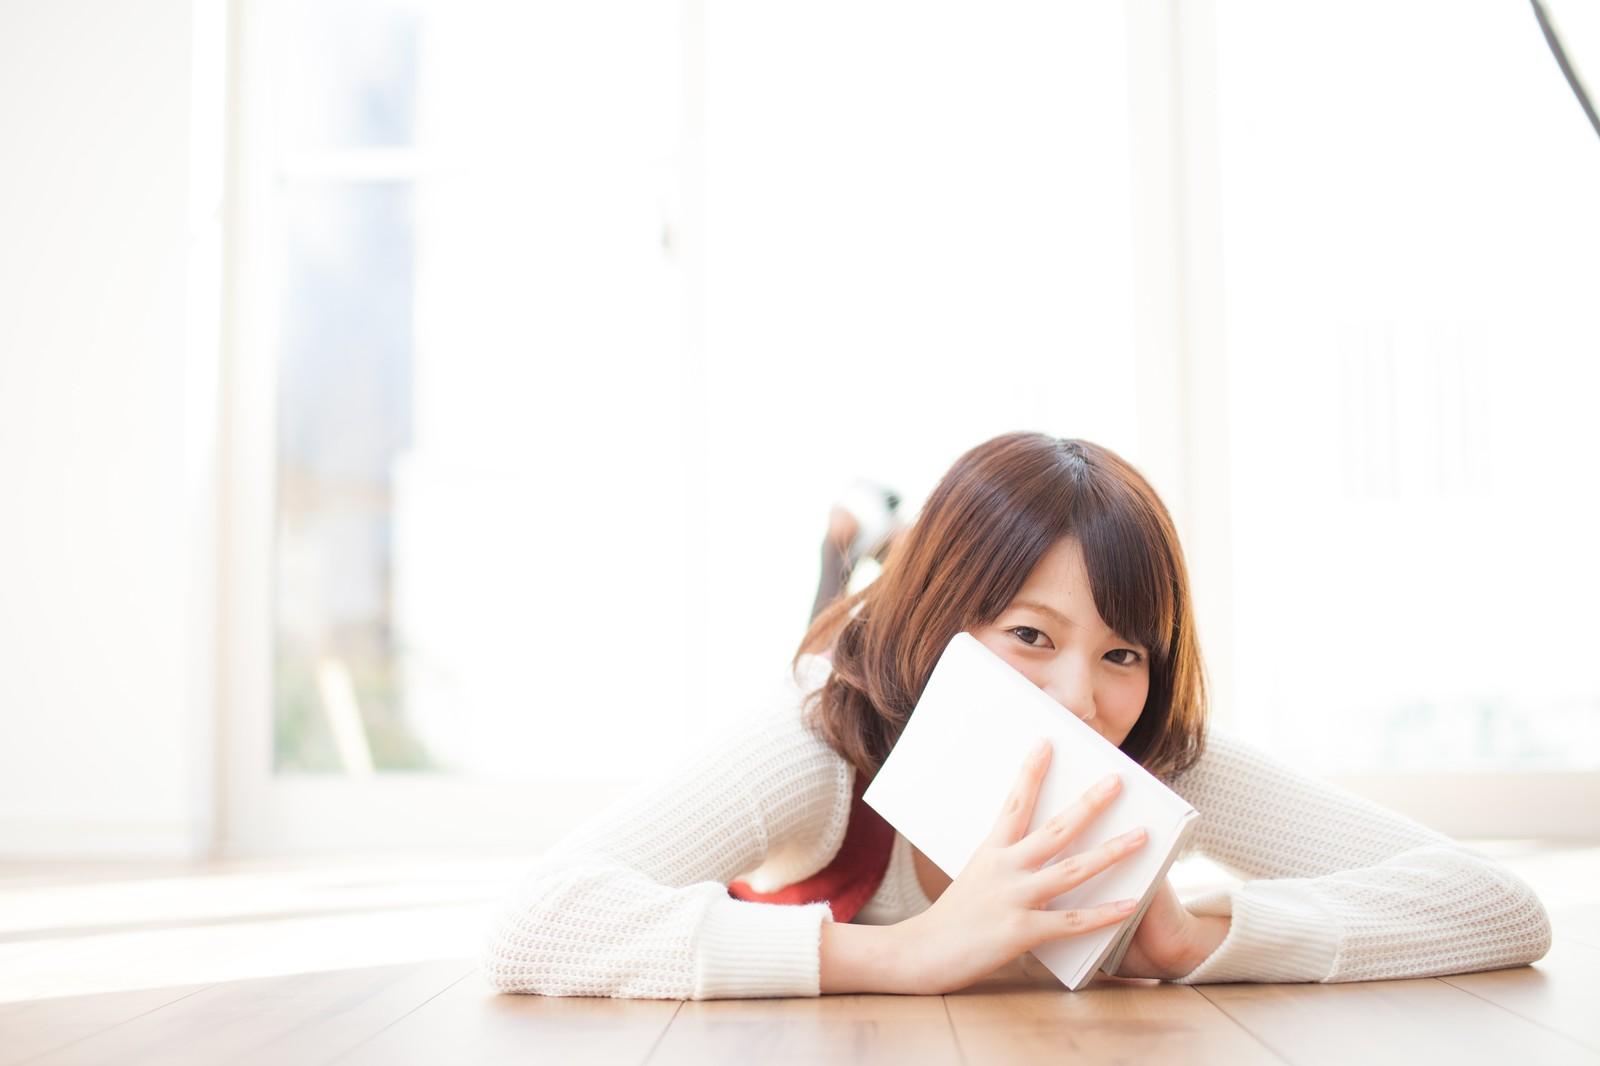 既婚者に騙されやすい婚活女性の特徴2